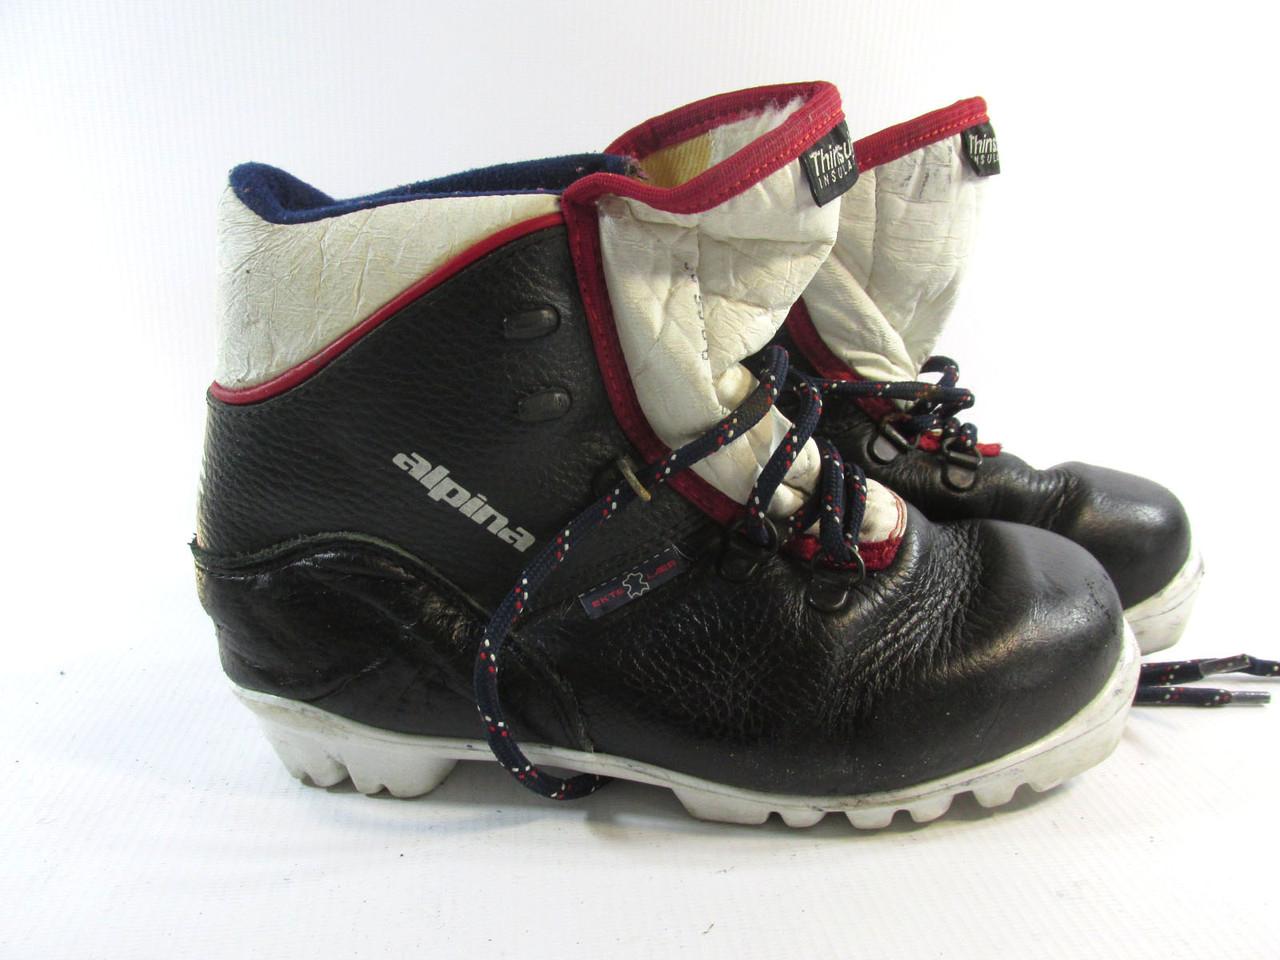 Ботинки лыжные ALPINA ALPITEX NNN, кожа, Утепленные, 21.5 см, Отл сост!